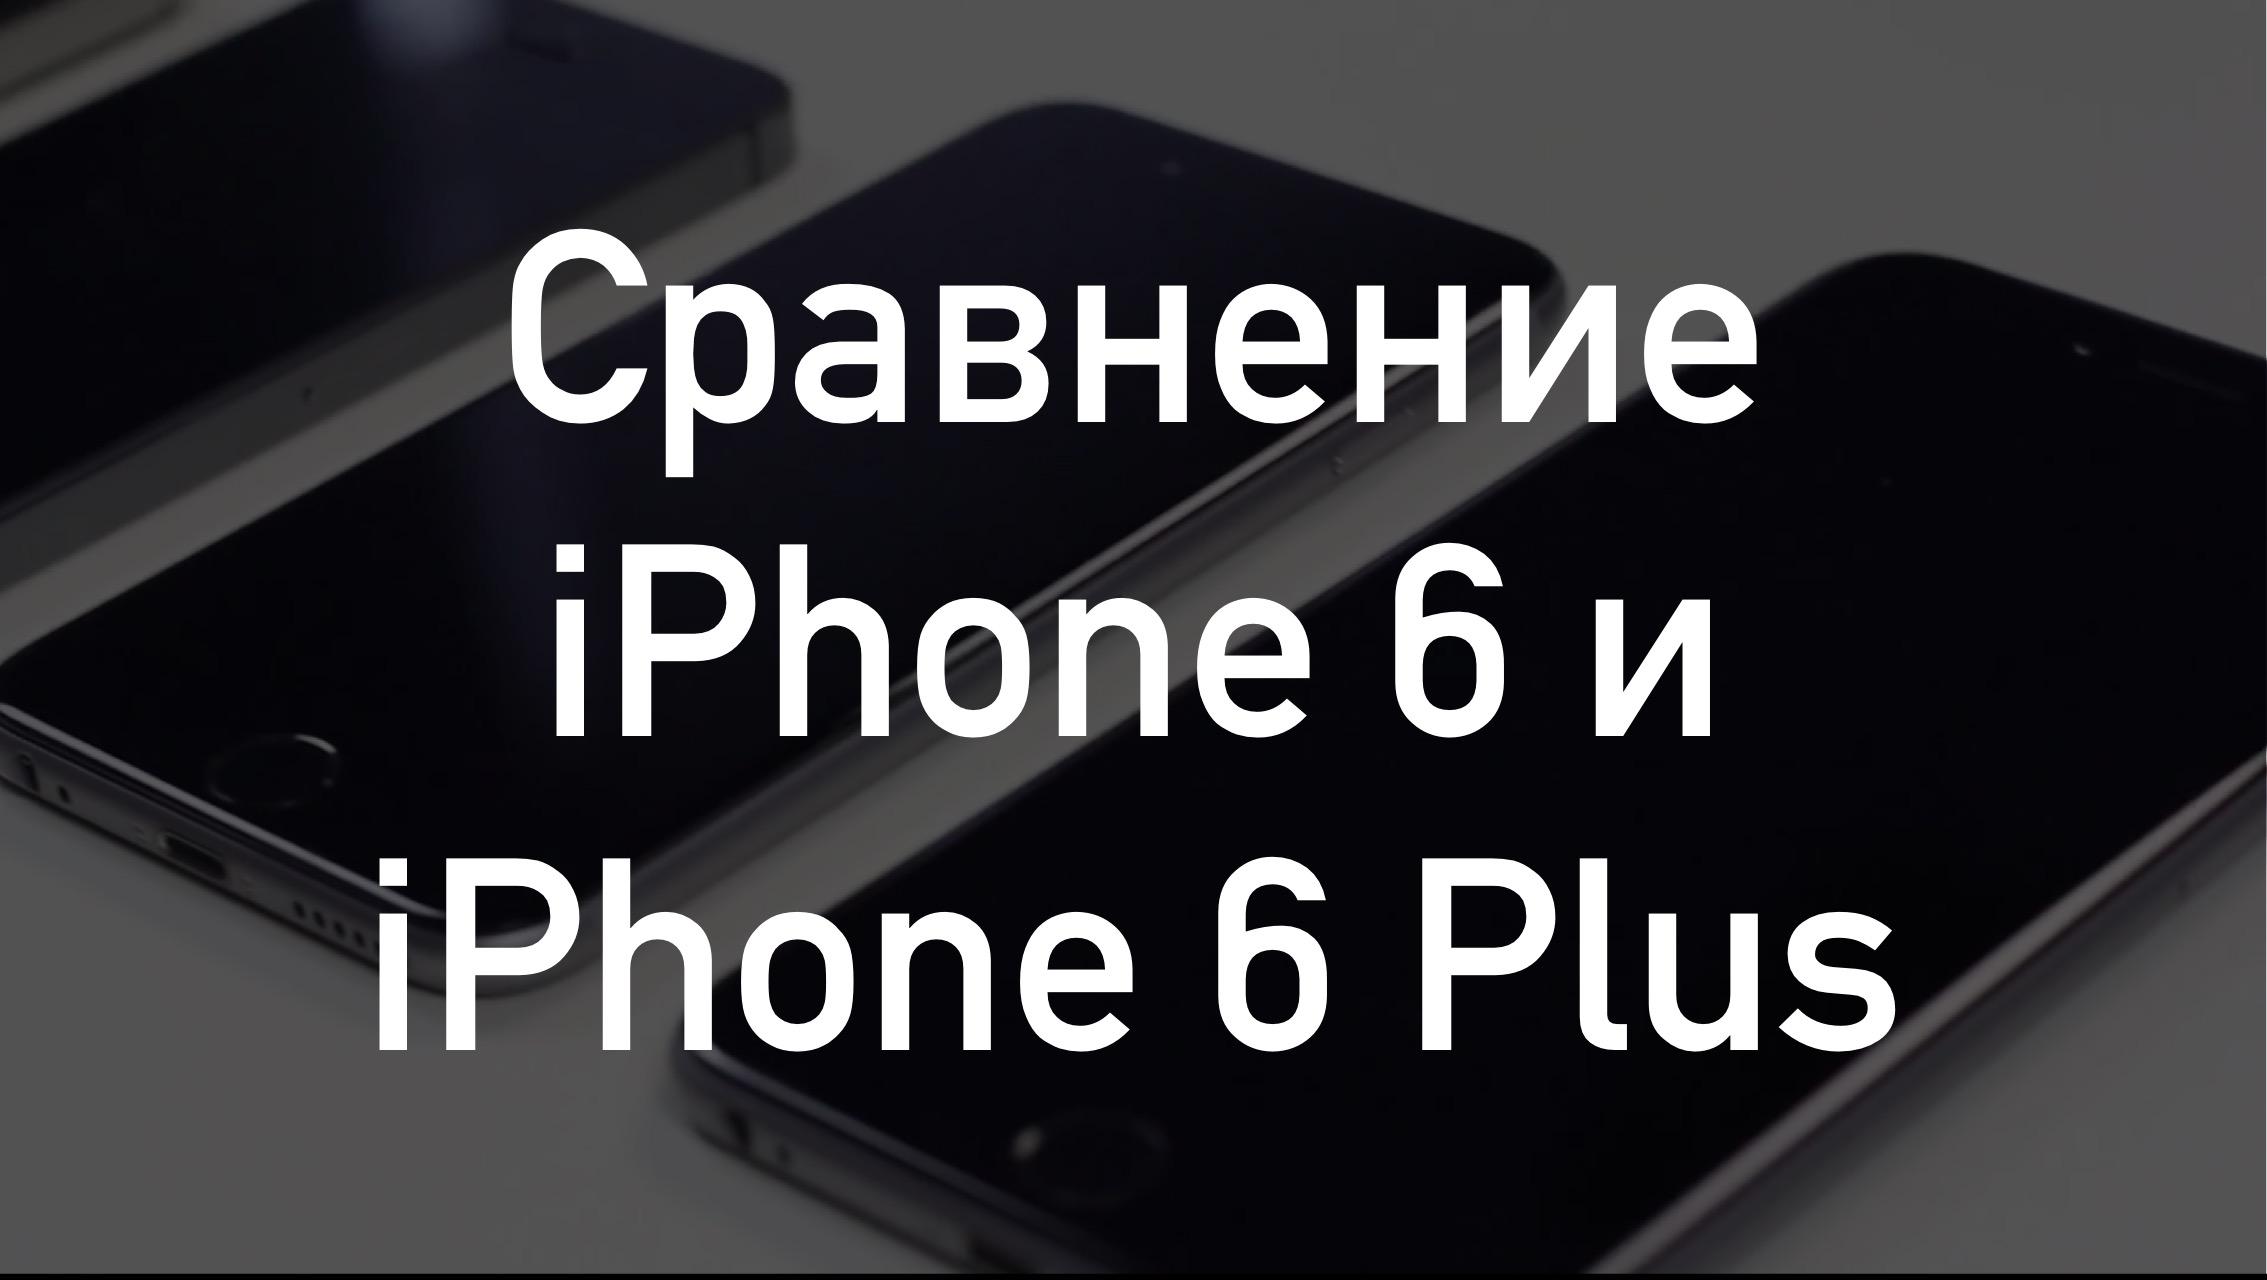 ВИДЕО: Сравнение iPhone 6 и iPhone 6 Plus